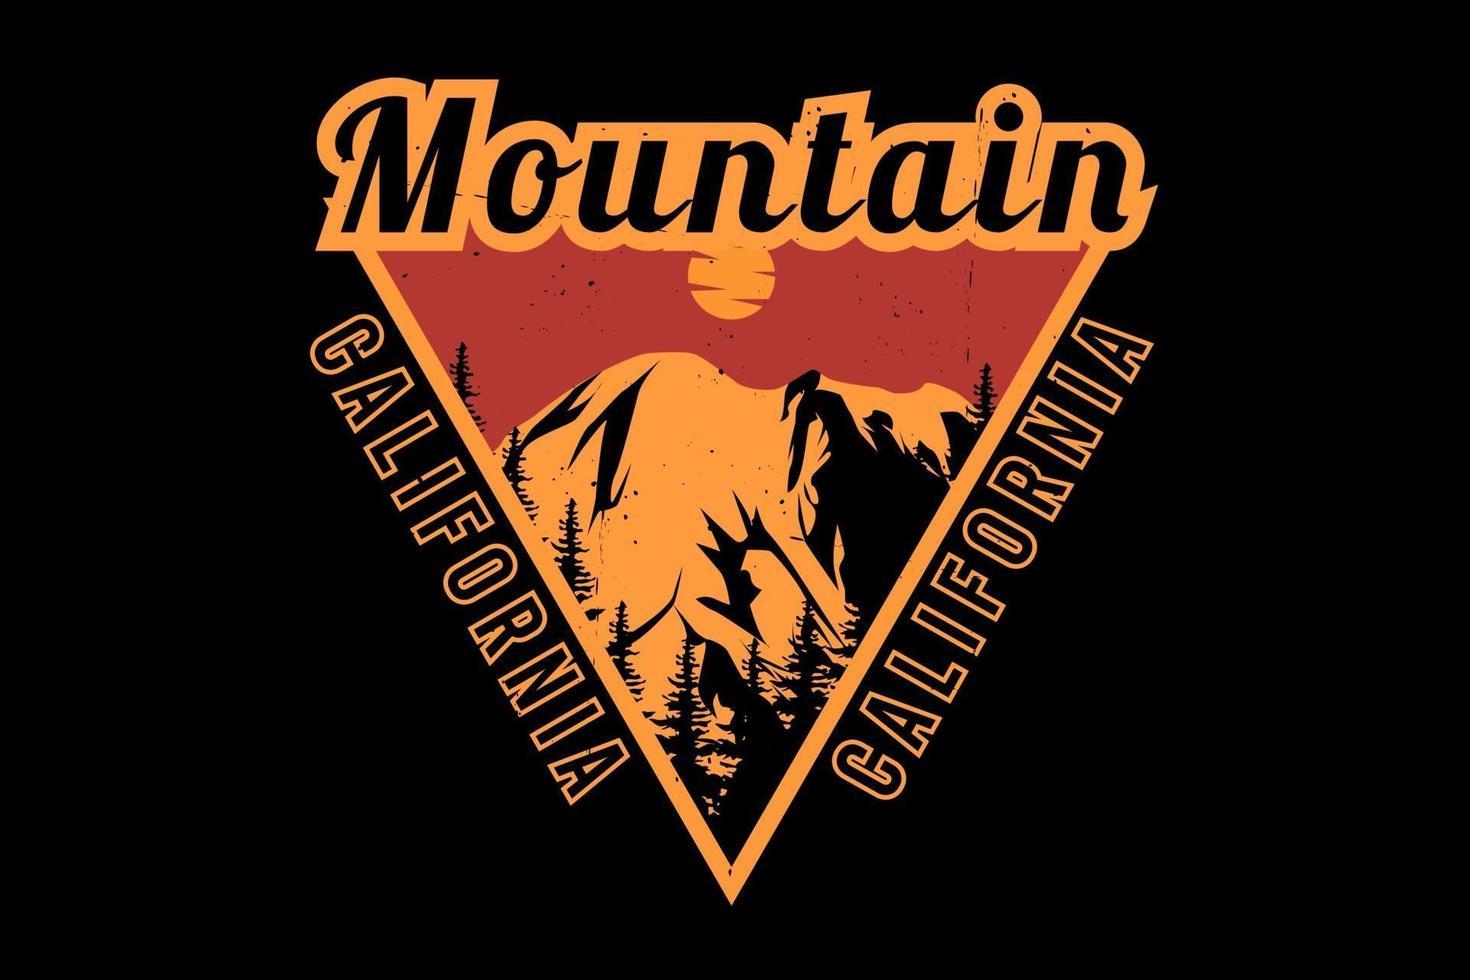 desenho da silhueta da montanha califórnia vetor